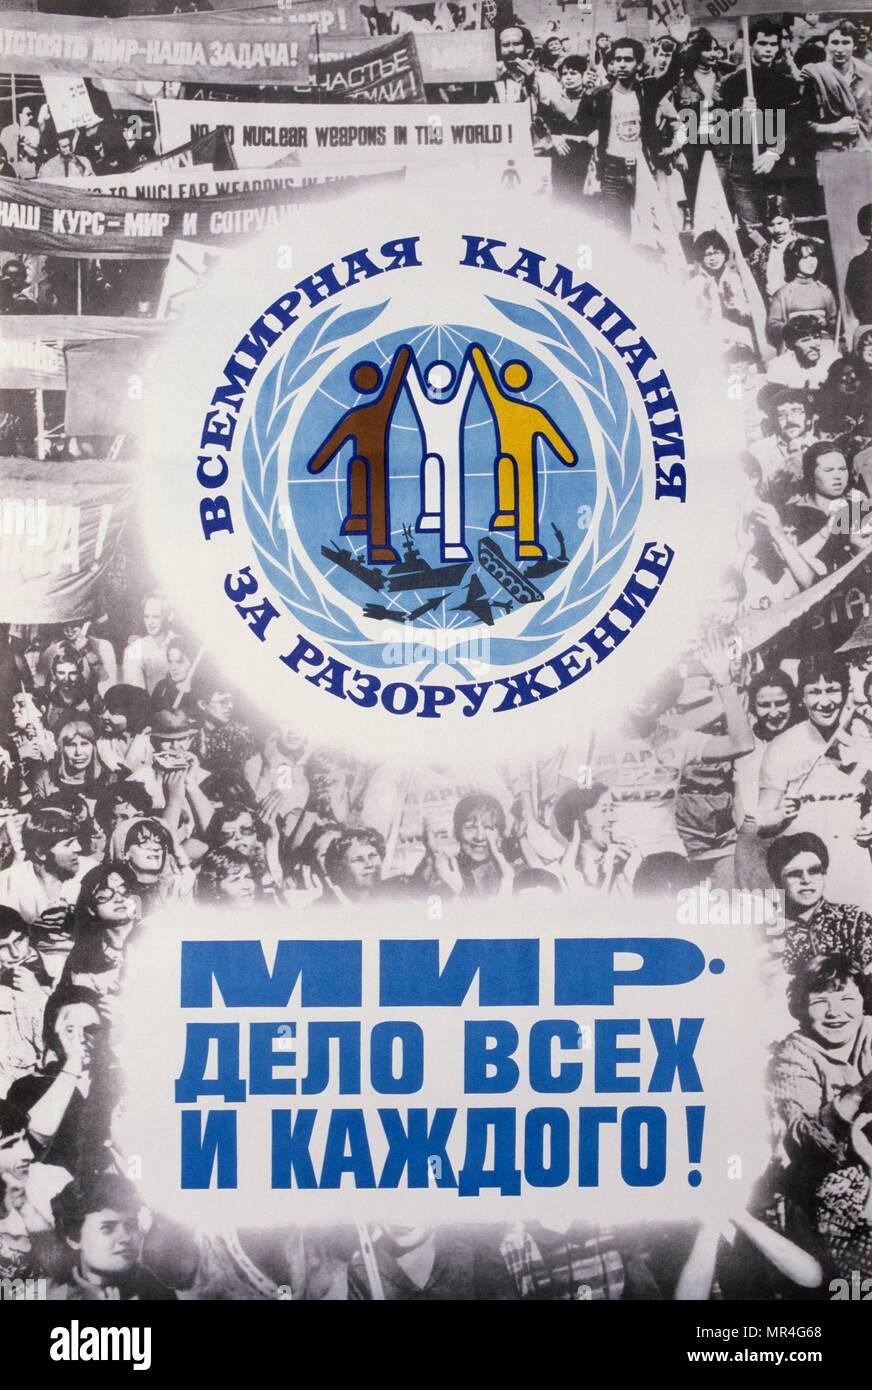 Anti-russe soviétique, la guerre, la paix affiche de campagne pendant la guerre froide, 1983 Photo Stock